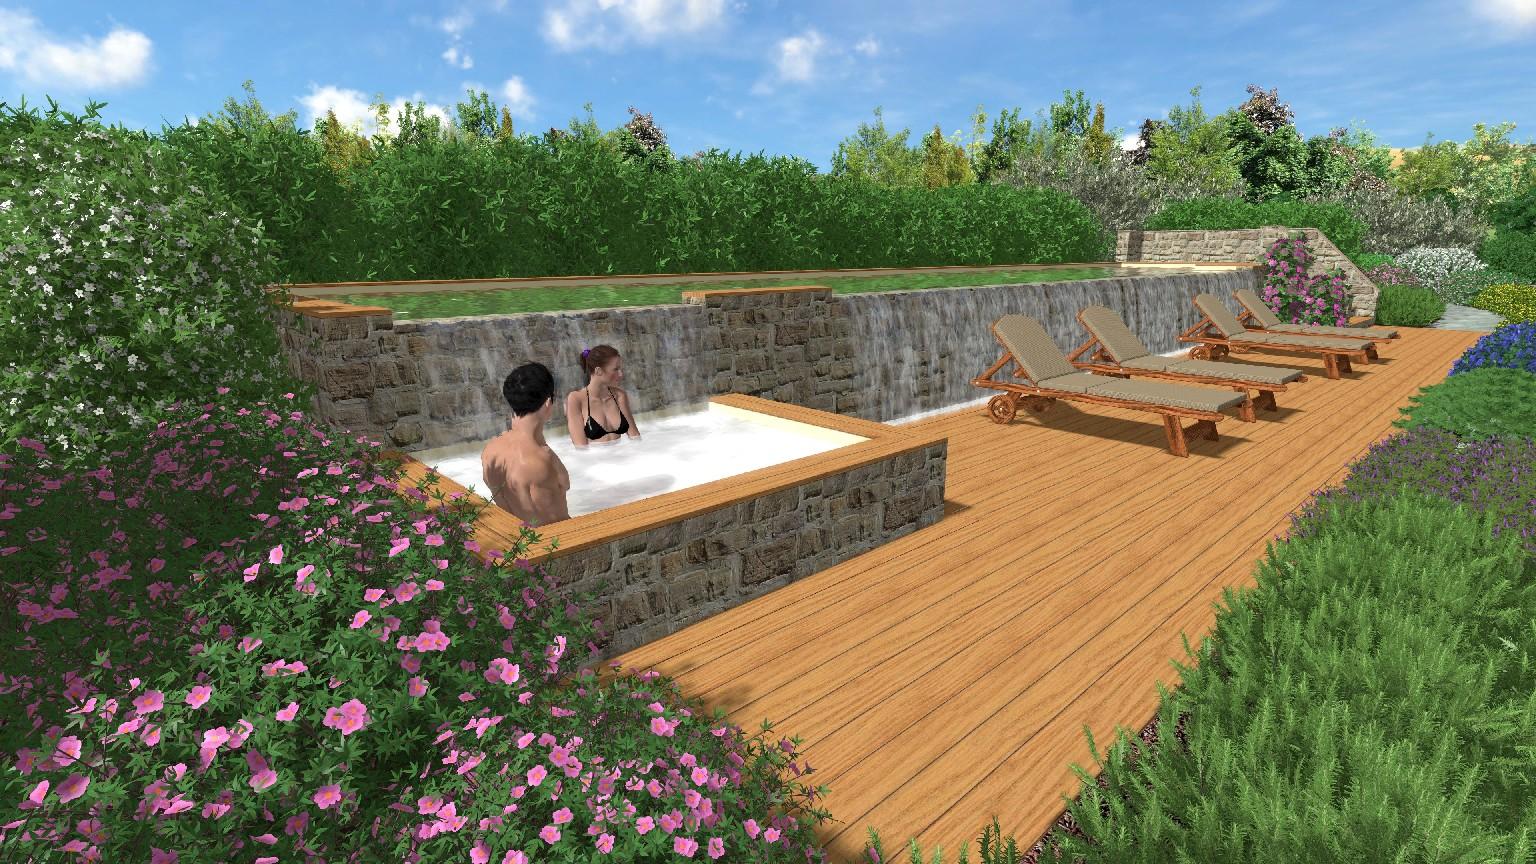 Progettazione di giardino con piscina in maremma davide for Rendering giardino